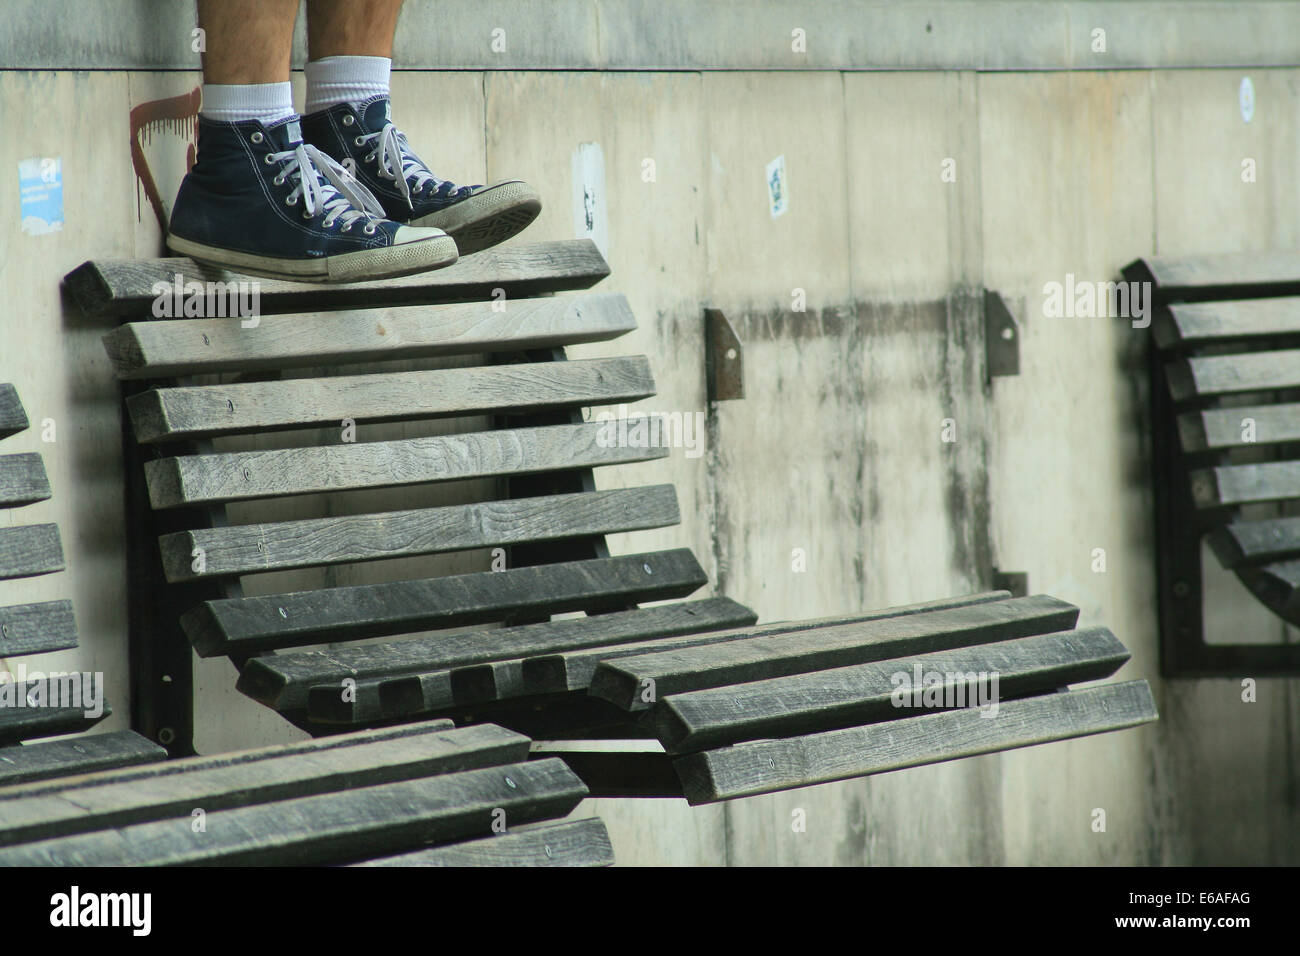 La cultura de la juventud,banco,zapatilla. Imagen De Stock